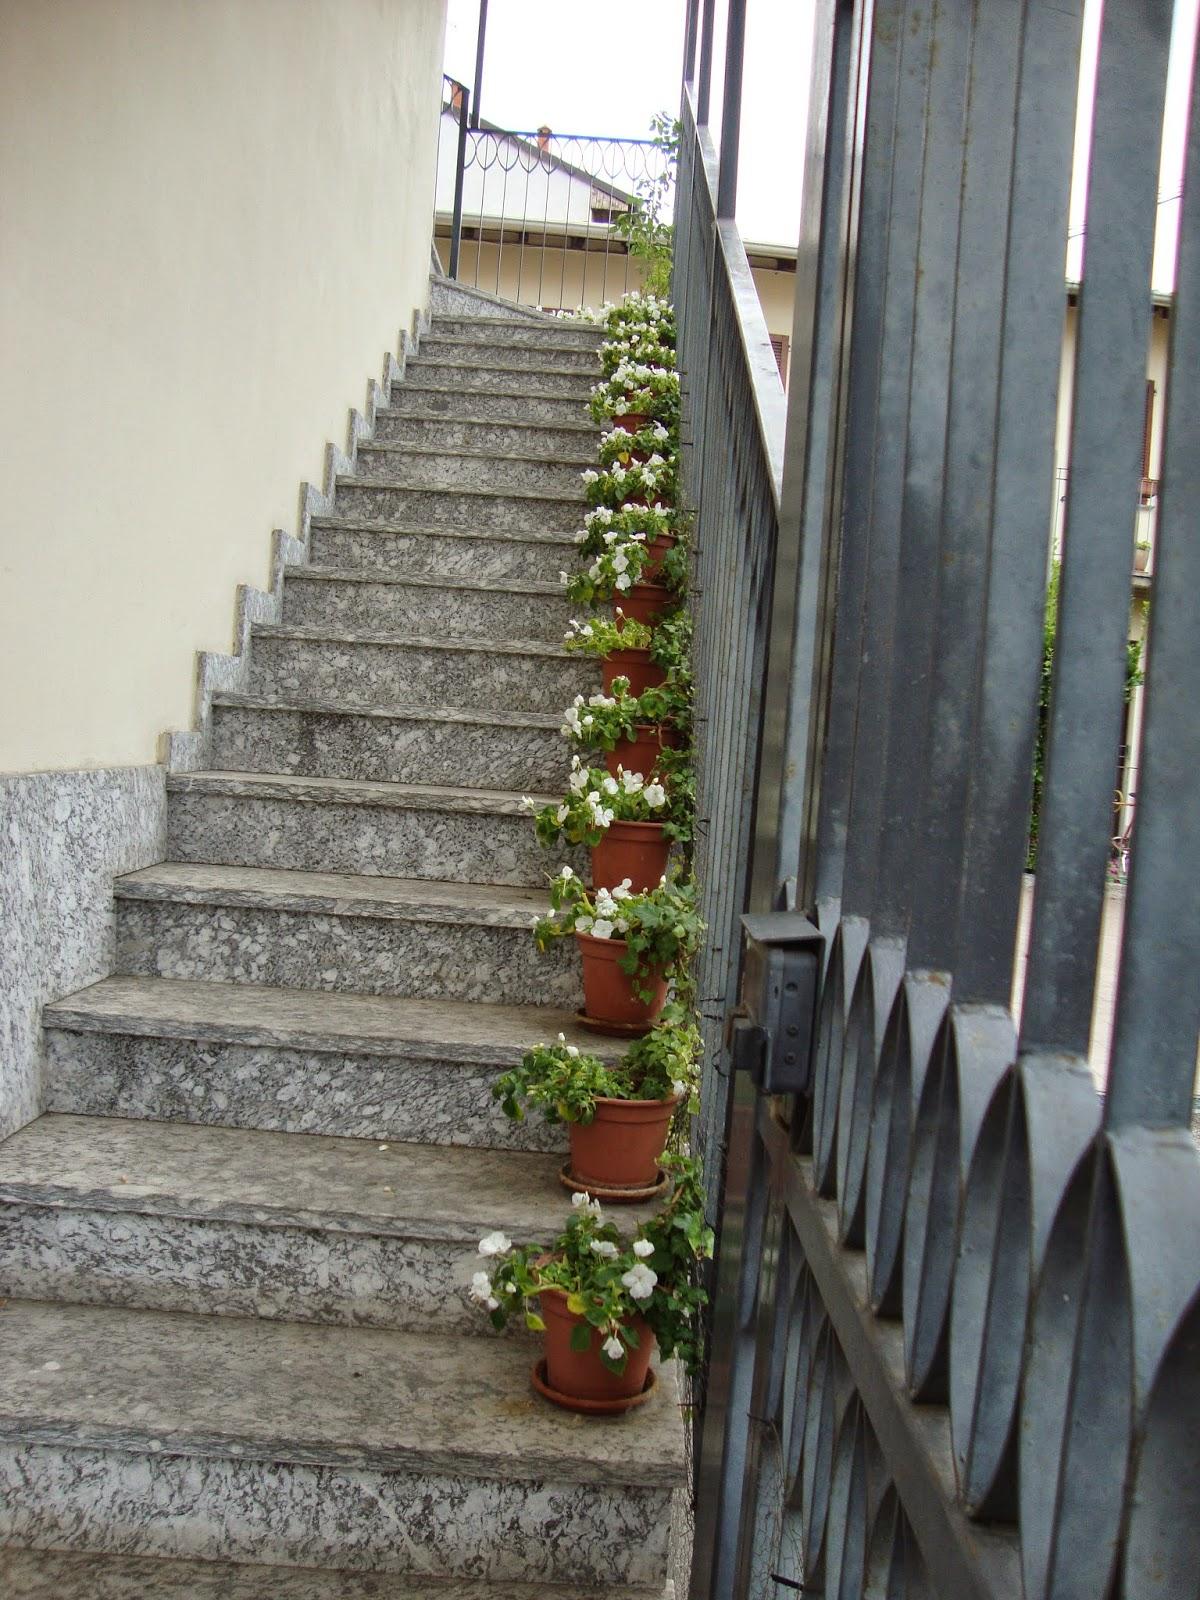 Un piccolo giardino in città: Una lunga scala di fiori